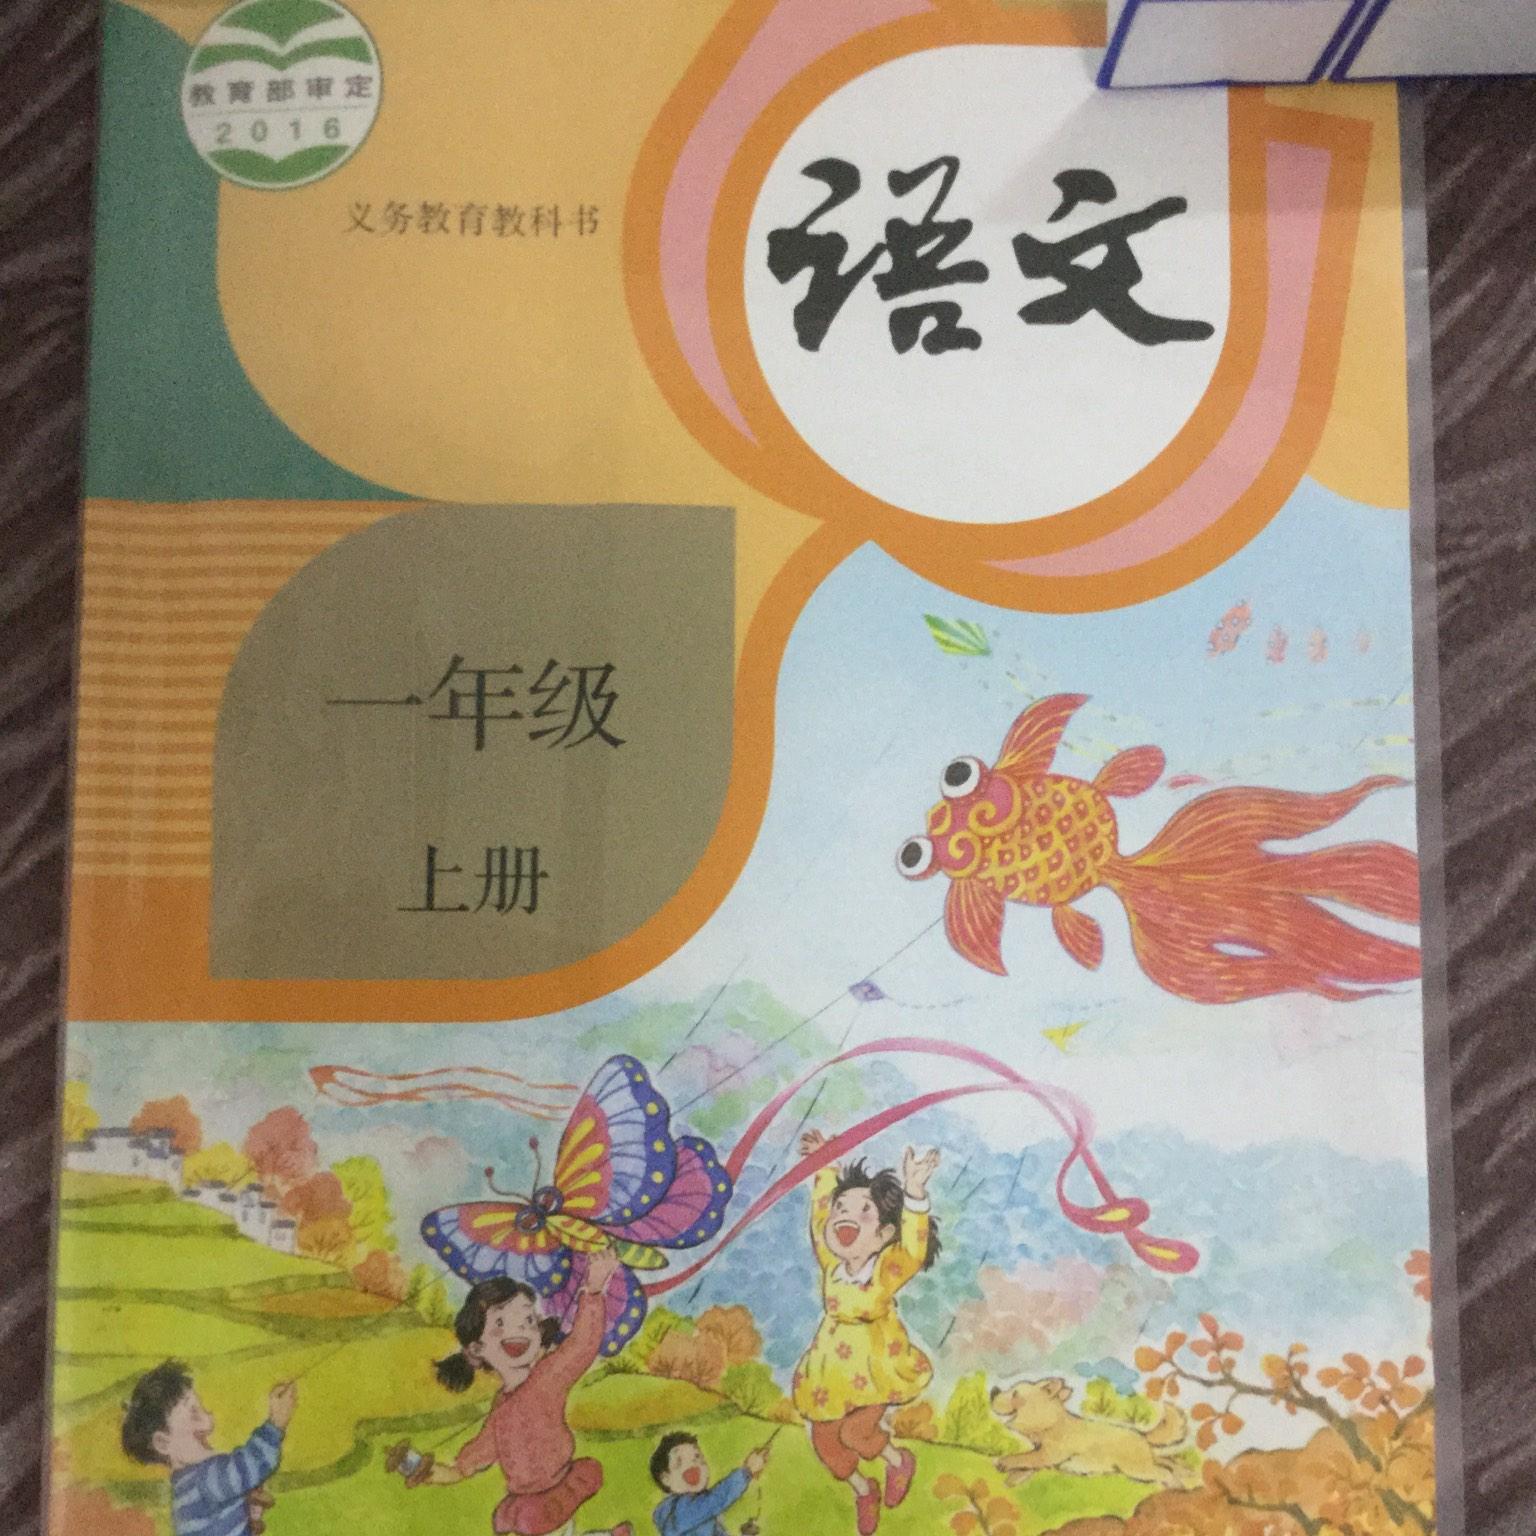 一年级上册语文课本